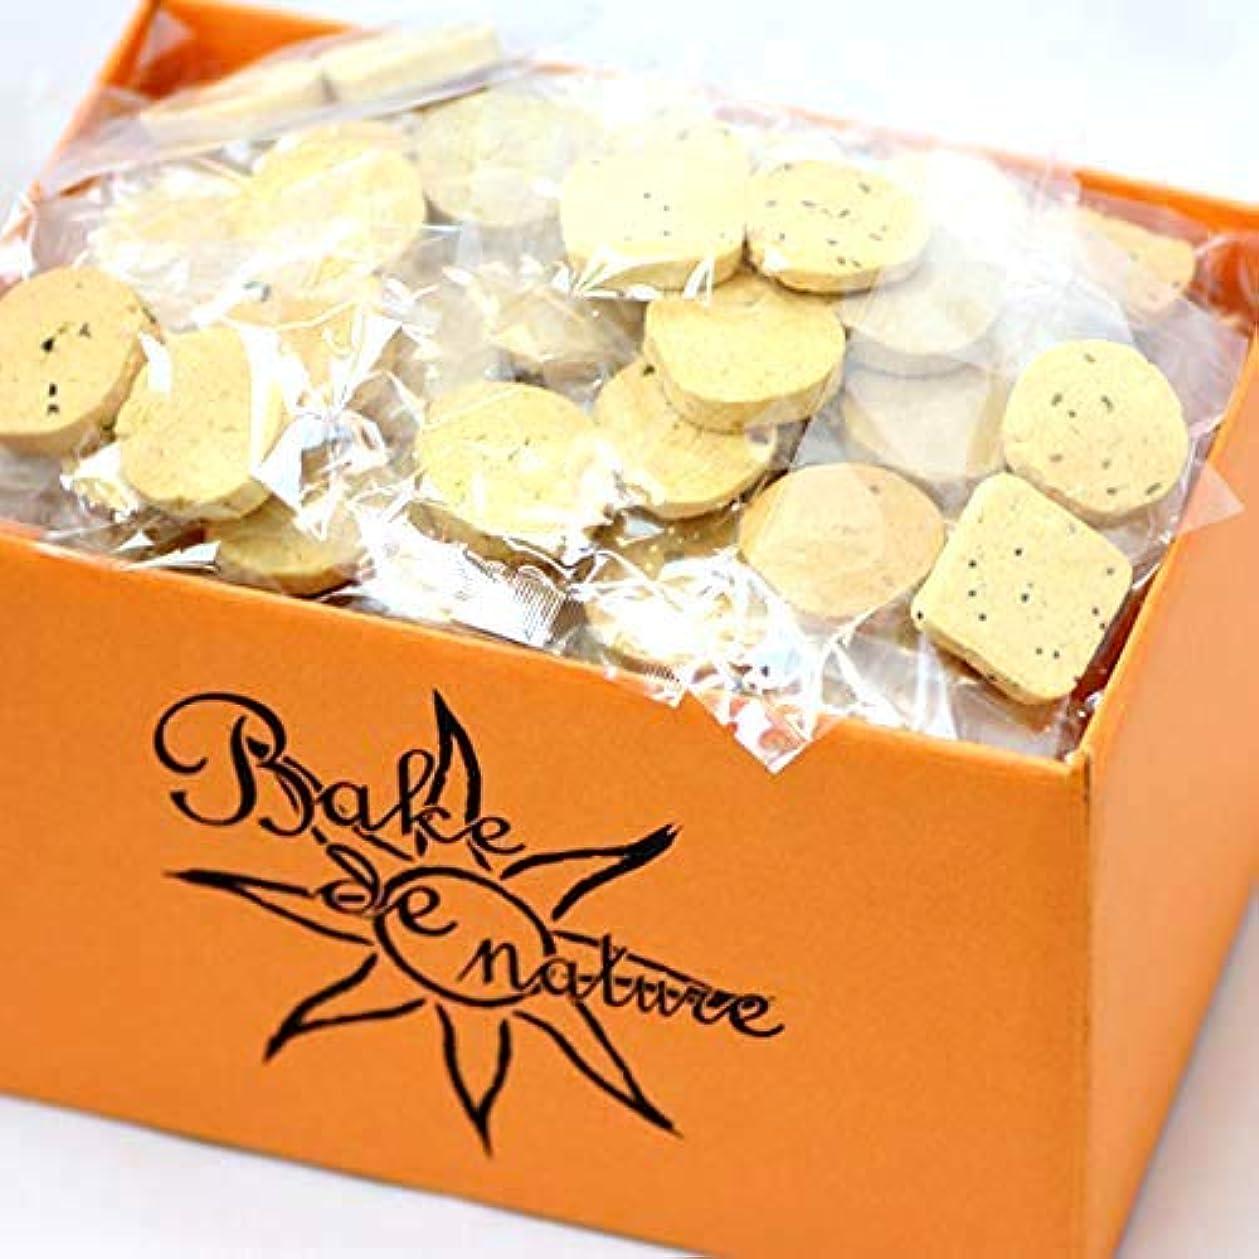 刺繍マーチャンダイジングボックススーパーフード豆乳おからクッキー (10種類MIX) 1袋 1kg (個包装) 小麦粉不使用のダイエットクッキー